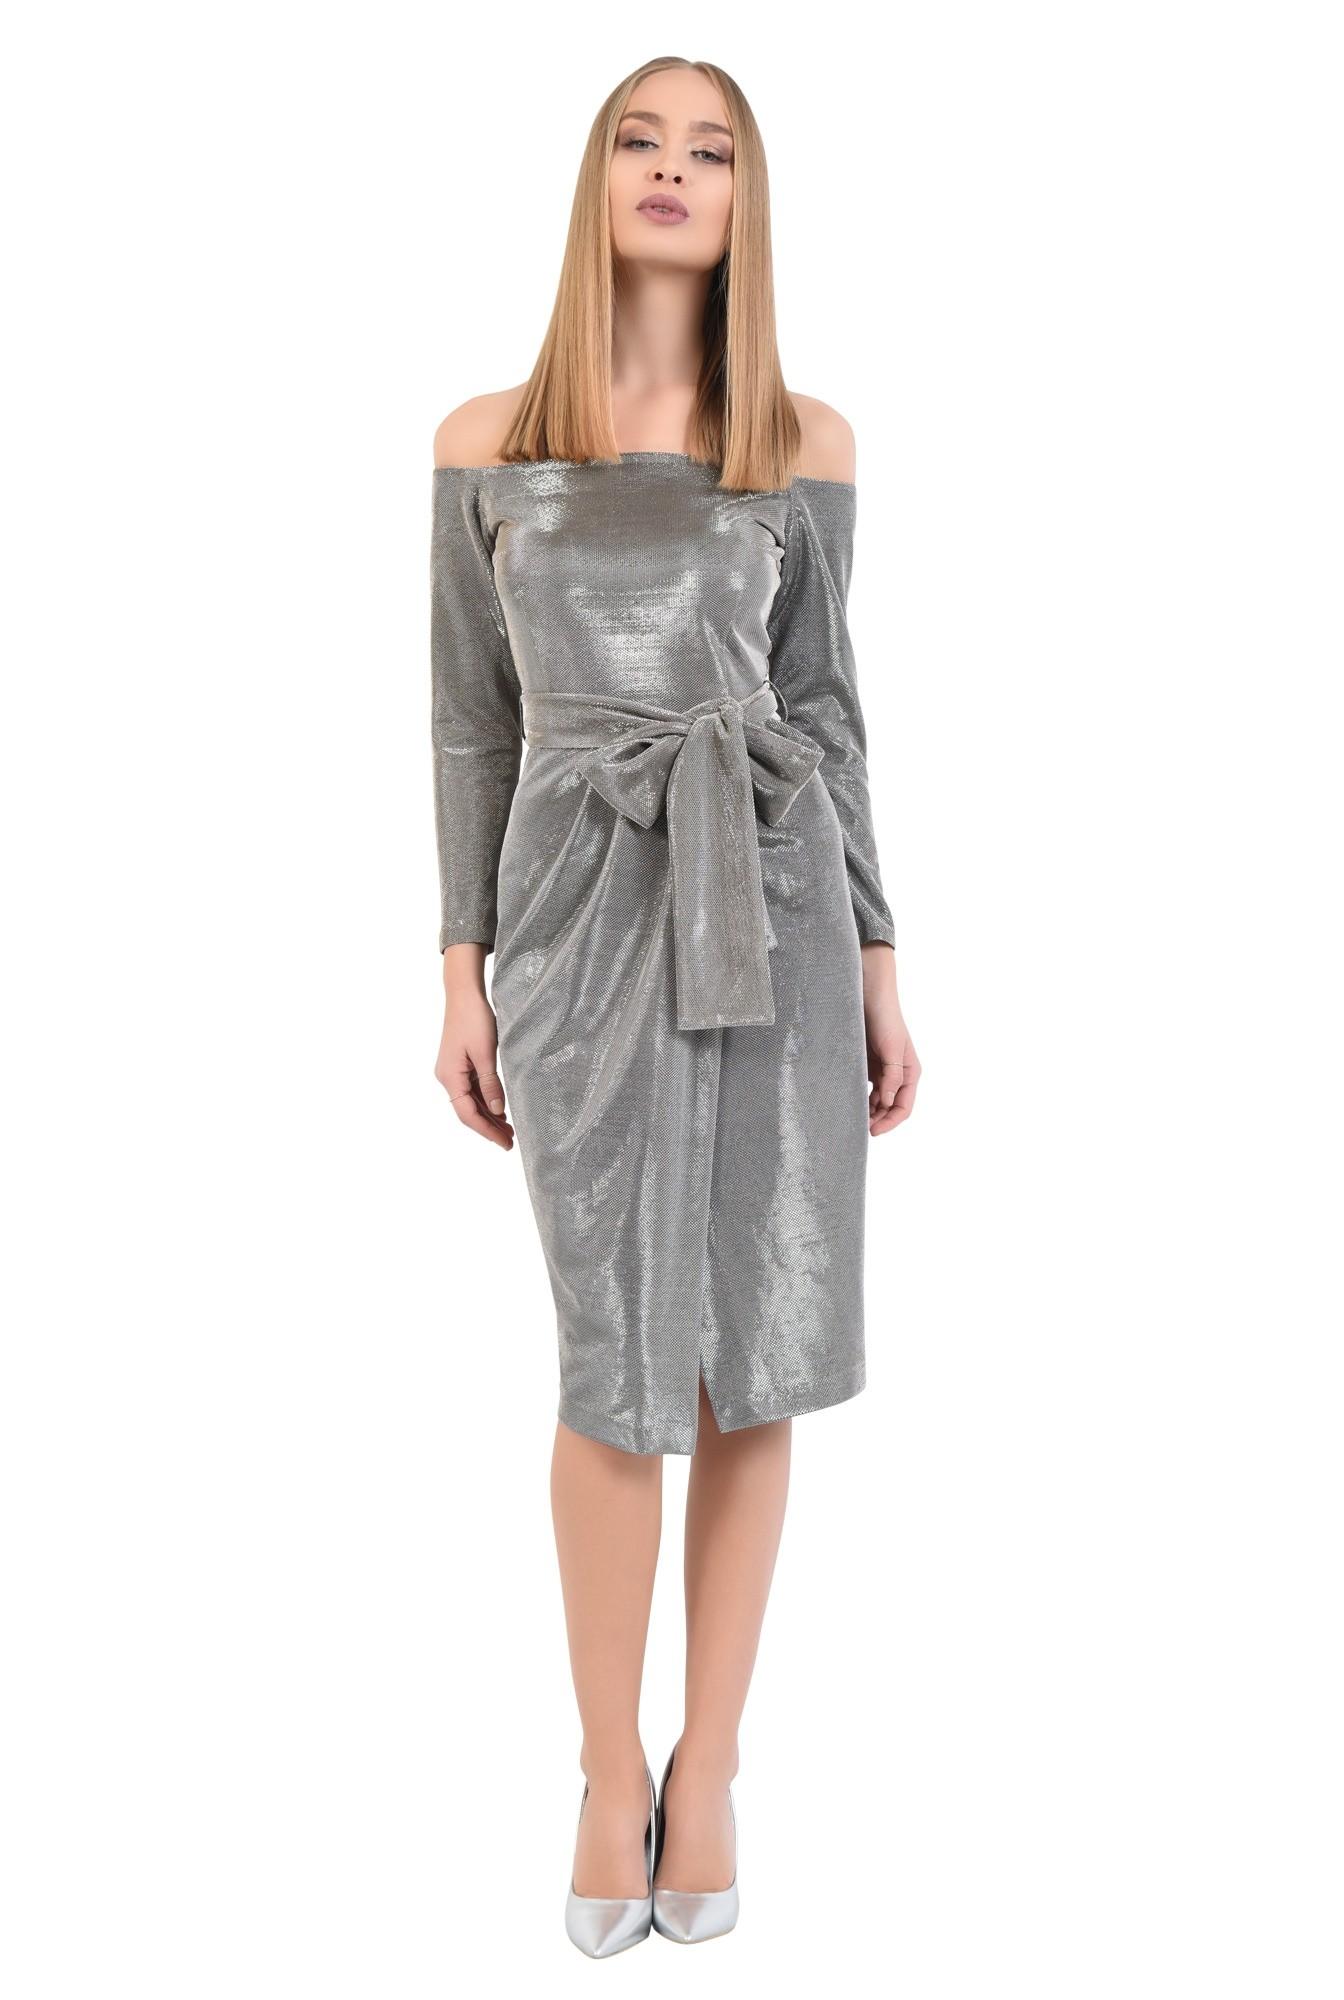 360 - rochie eleganta, din lurex, cu sclipici, cu funda